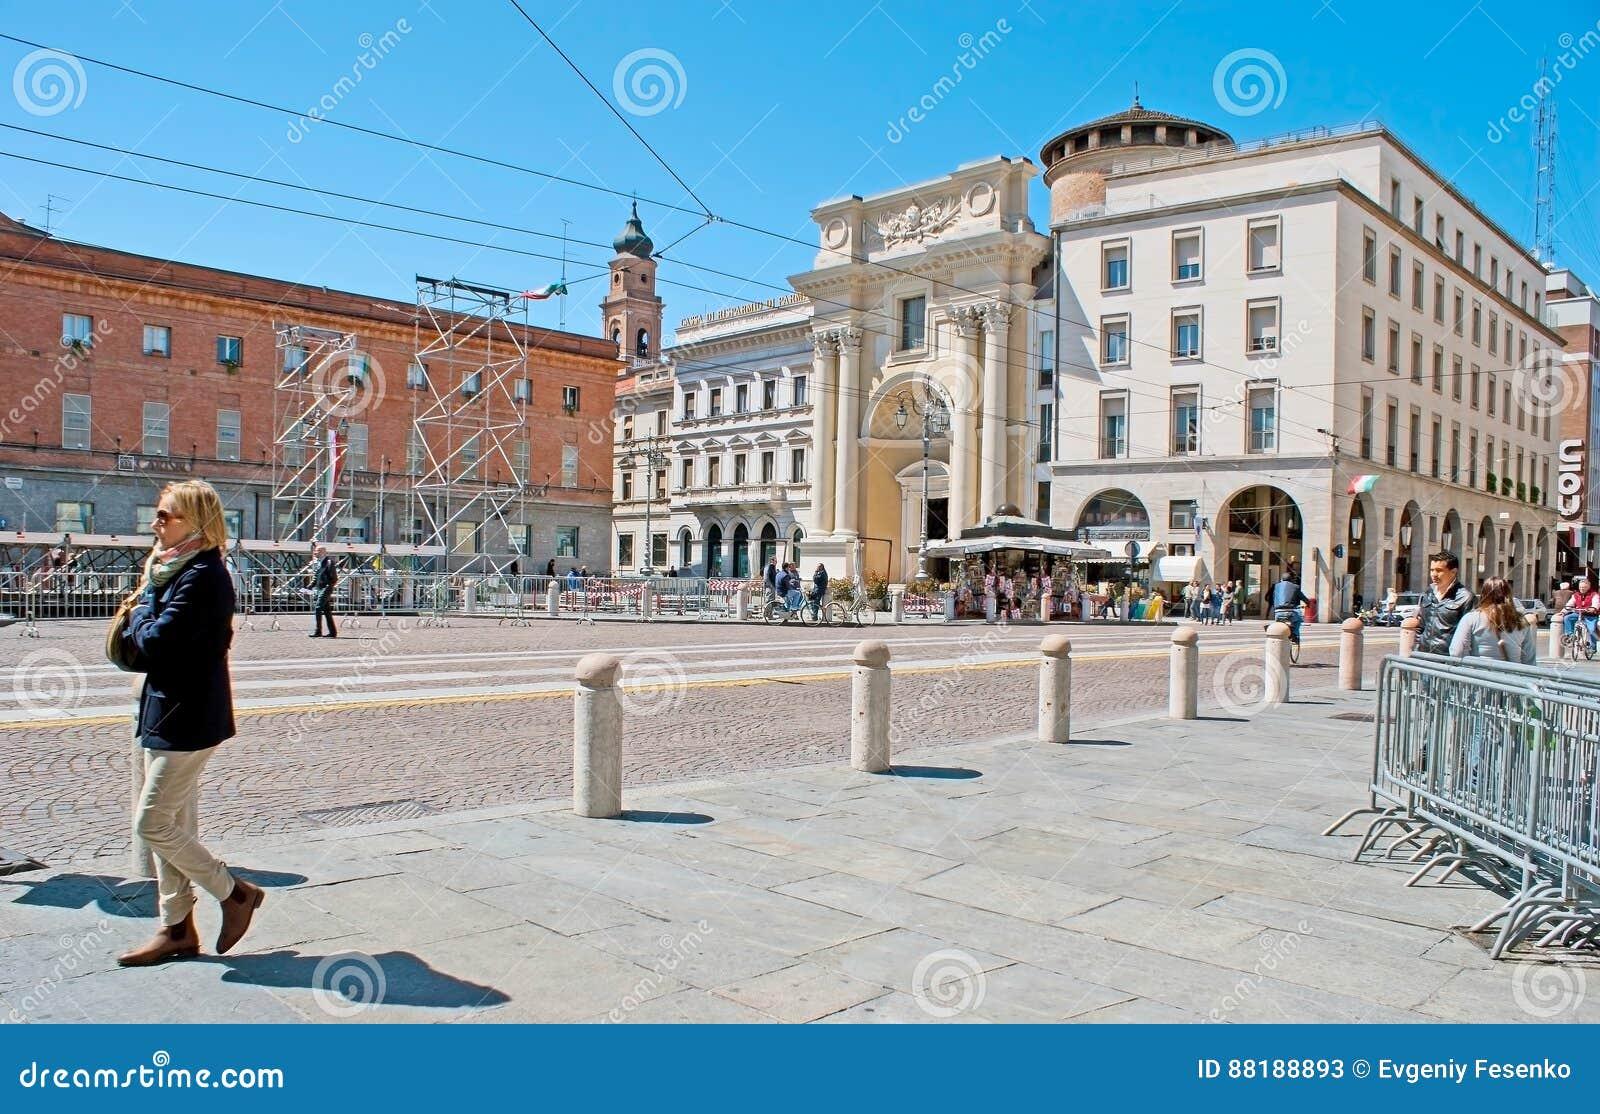 Garibaldi Square in Parma